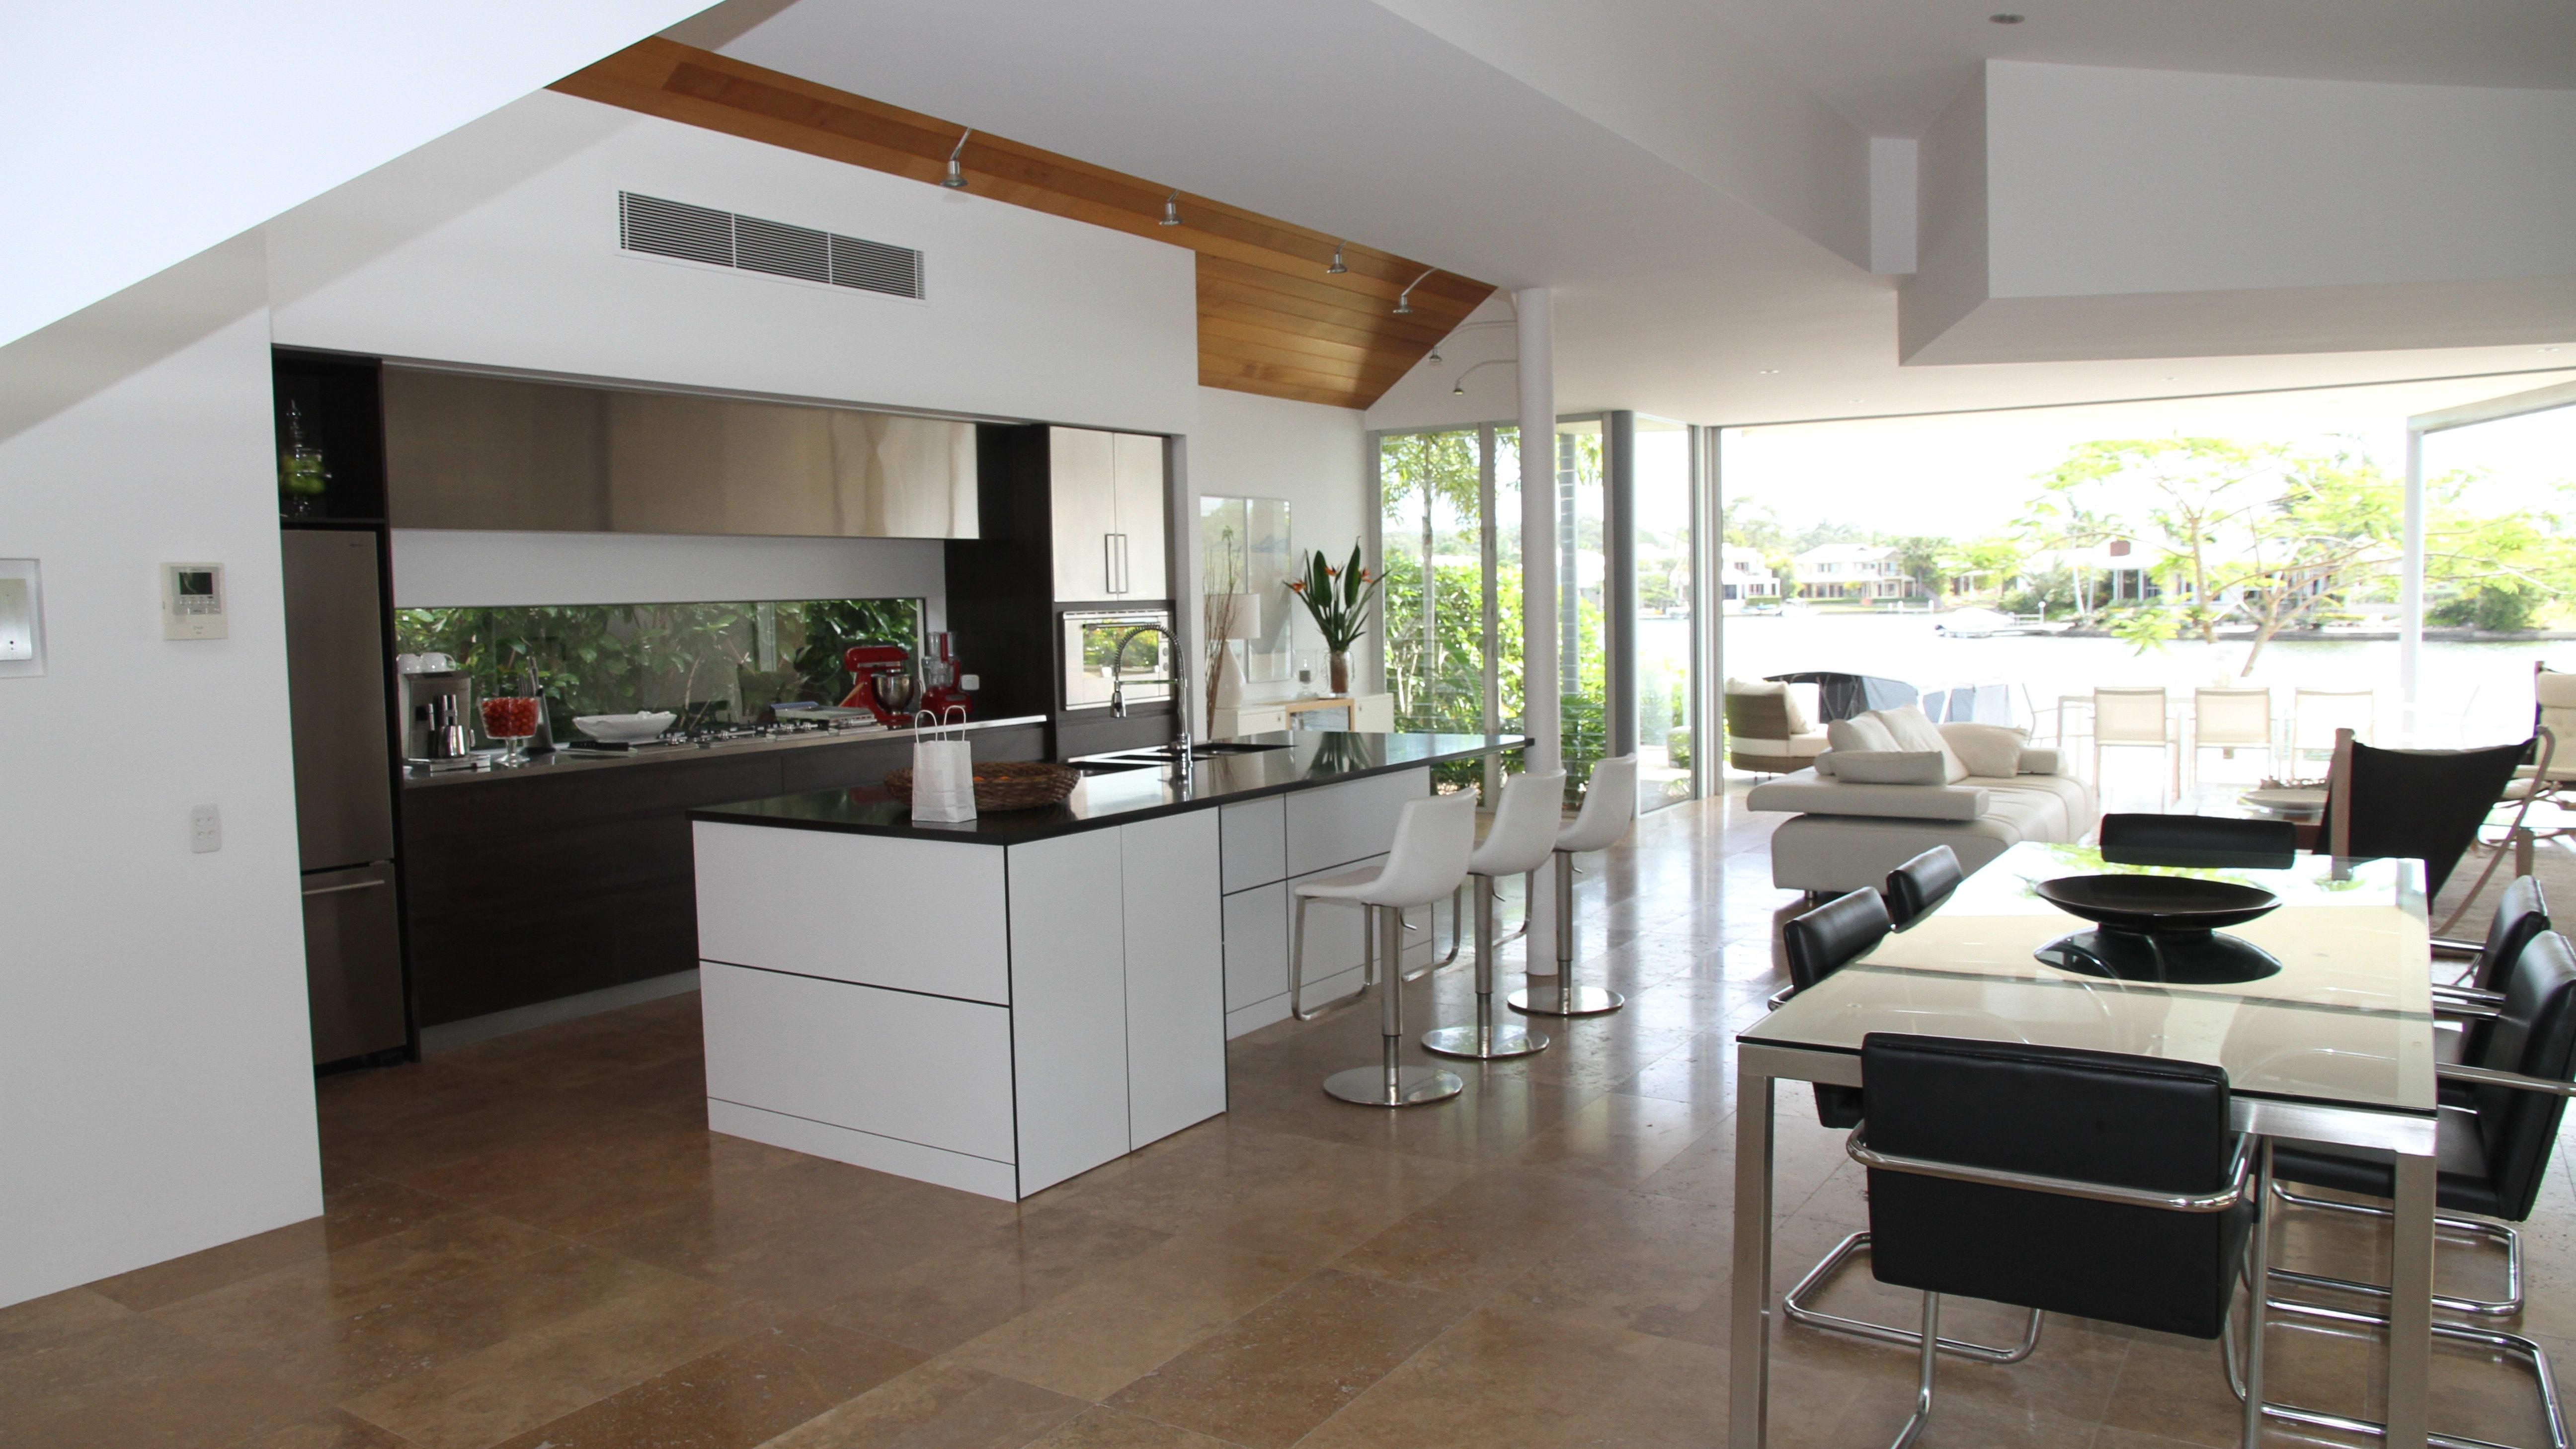 Queue de programme immobilier: le bon plan pour votre achat dans le neuf?